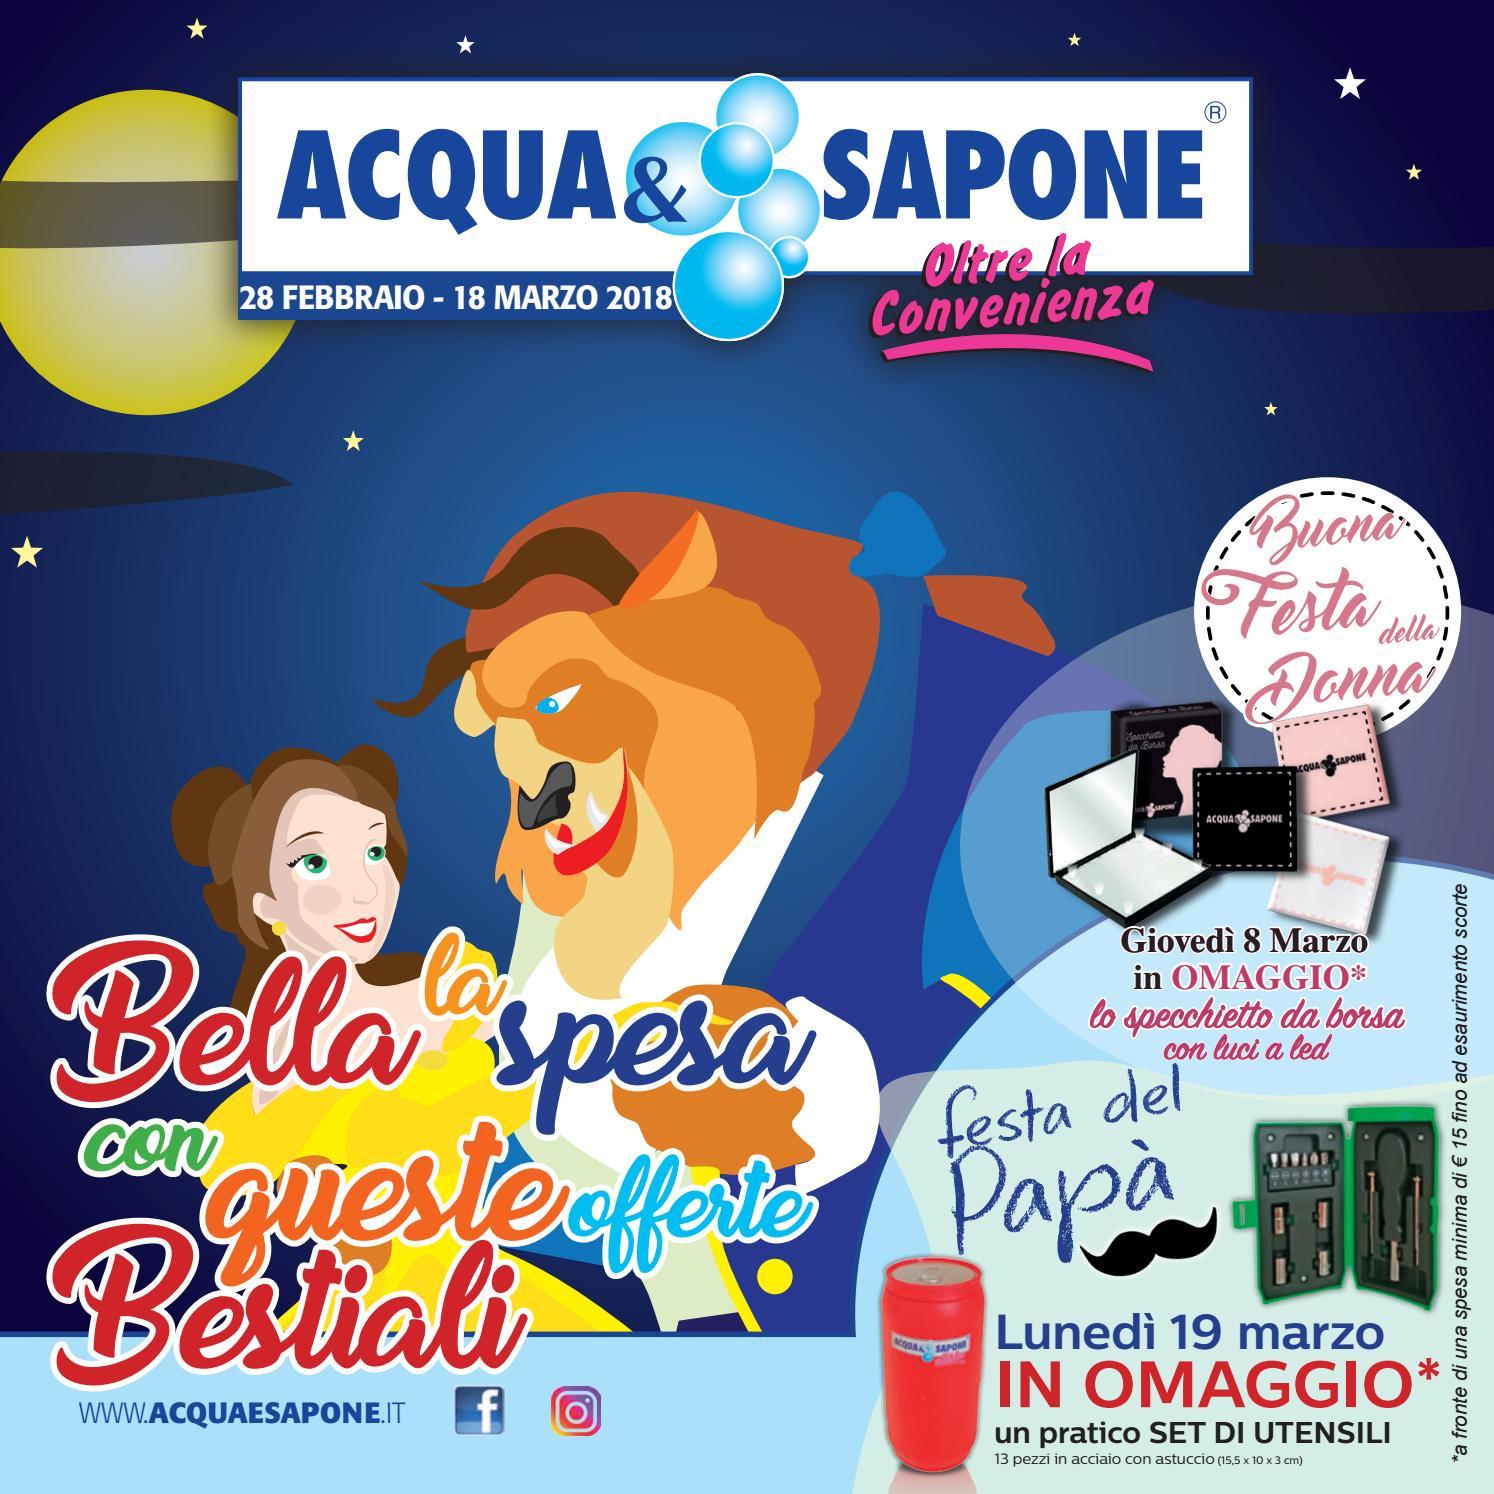 Volantino n 4 acqua sapone by acqua sapone toscana umbria for Volantino acqua e sapone toscana